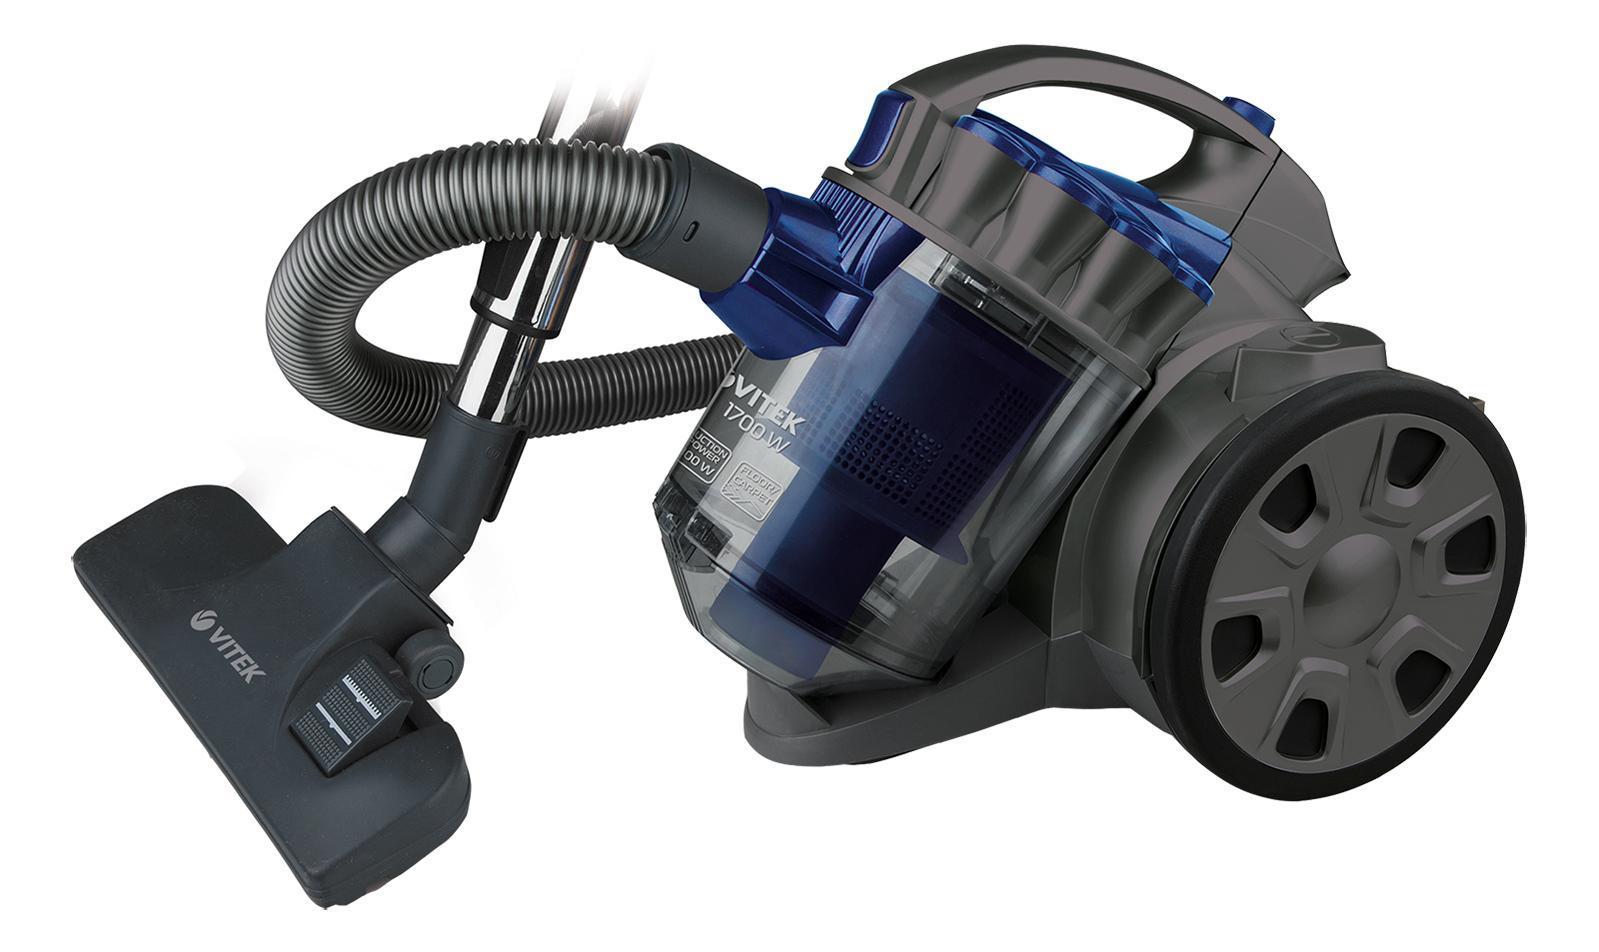 Vitek VT-1895(B) пылесосVT-1895(B)Пылесос Vitek VT-1895 станет настоящим подспорьем, если вы планируете генеральную уборку дома. Такой пылесос с мощностью 1700 Вт и мощностью всасывания 300 Вт оснащен уникальной системойHEPA-фильтров, которая эффективно борется за идеальную чистоту в вашем доме: благодаря 5-ступенчатой системе фильтрации пылесос задерживает споры, пепел, пыльцу, бактерии и микроскопические частички пыли размером от 0,3 мкм и больше. Это особенно важно, когда в доме есть дети и люди, страдающие аллергией или астмой: такая тщательная уборка позволяет избежать раздражений органов дыхания.Пылесос VT-1895обеспечен пылесборником емкостью 2 л. В данной модели пылесоса для вашего удобства предусмотрена функцияавтоматического сматывания шнура. Работа с пылесосом особенно удобна благодаря стальной телескопической трубке, которую можно легко настроить на нужную длину и зафиксировать в таком положении. В комплект пылесоса VT-1895 также входят насадки для чистки различных поверхностей: универсальная щетка с переключателем «пол/ковер», щелевая насадка для труднодоступных мест, щетка для чистки мягкой мебели и щетка для пыли. Все это поможет эффективно и быстро справиться с любым типом уборки!Как выбрать пылесос. Статья OZON Гид